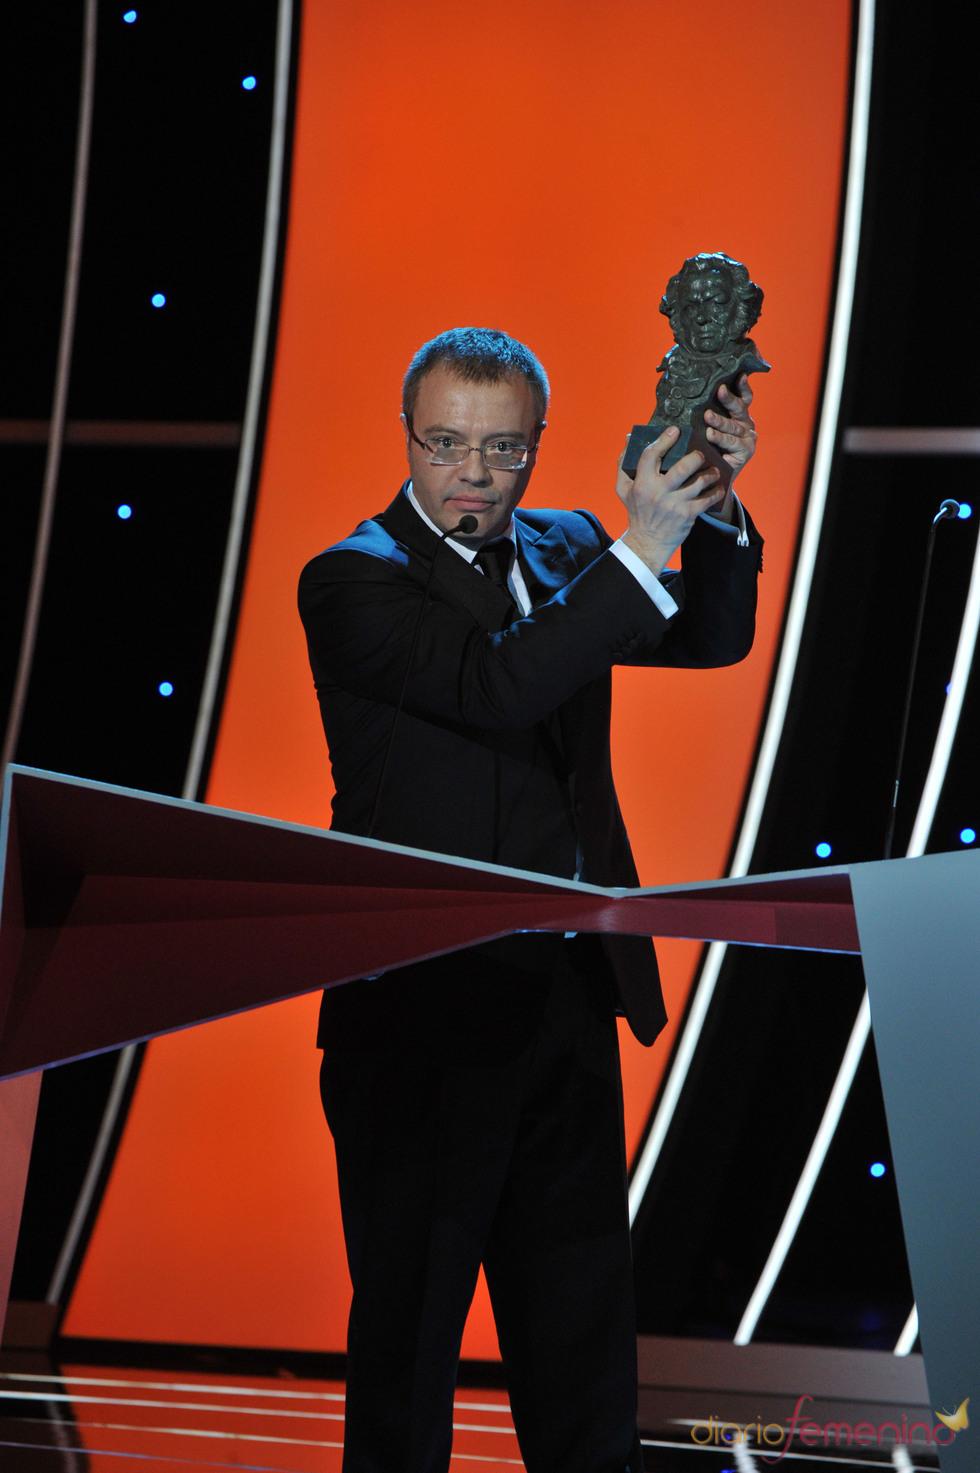 Daniel Monzón, Mejor Director de los Goya 2010